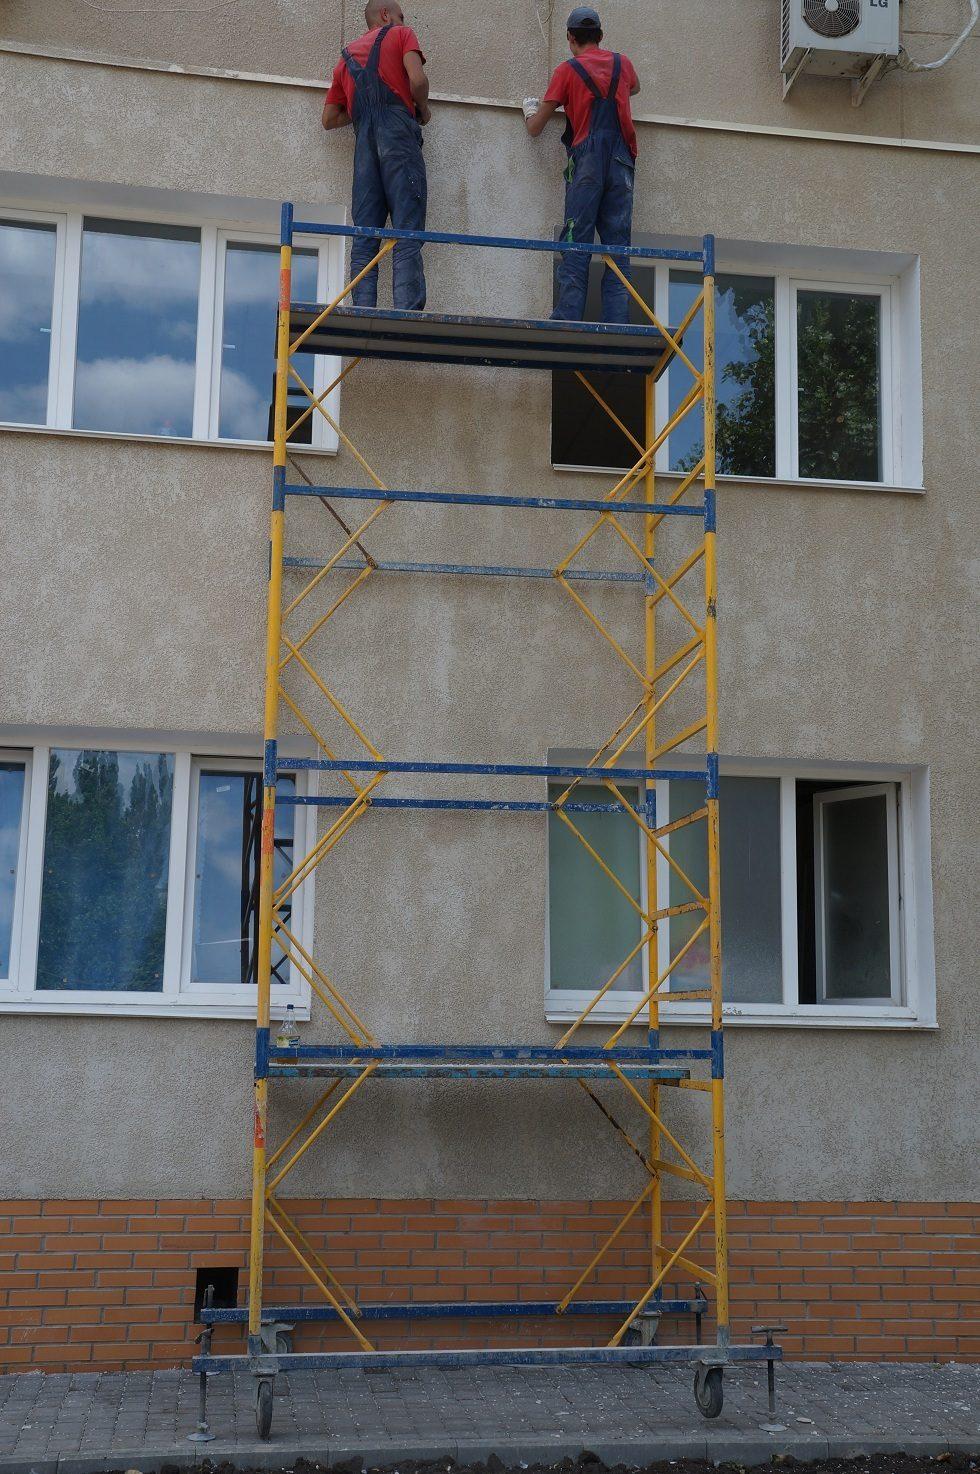 г. Киев, ремонт больницы. Вышка-тура рабочей высотой 5м